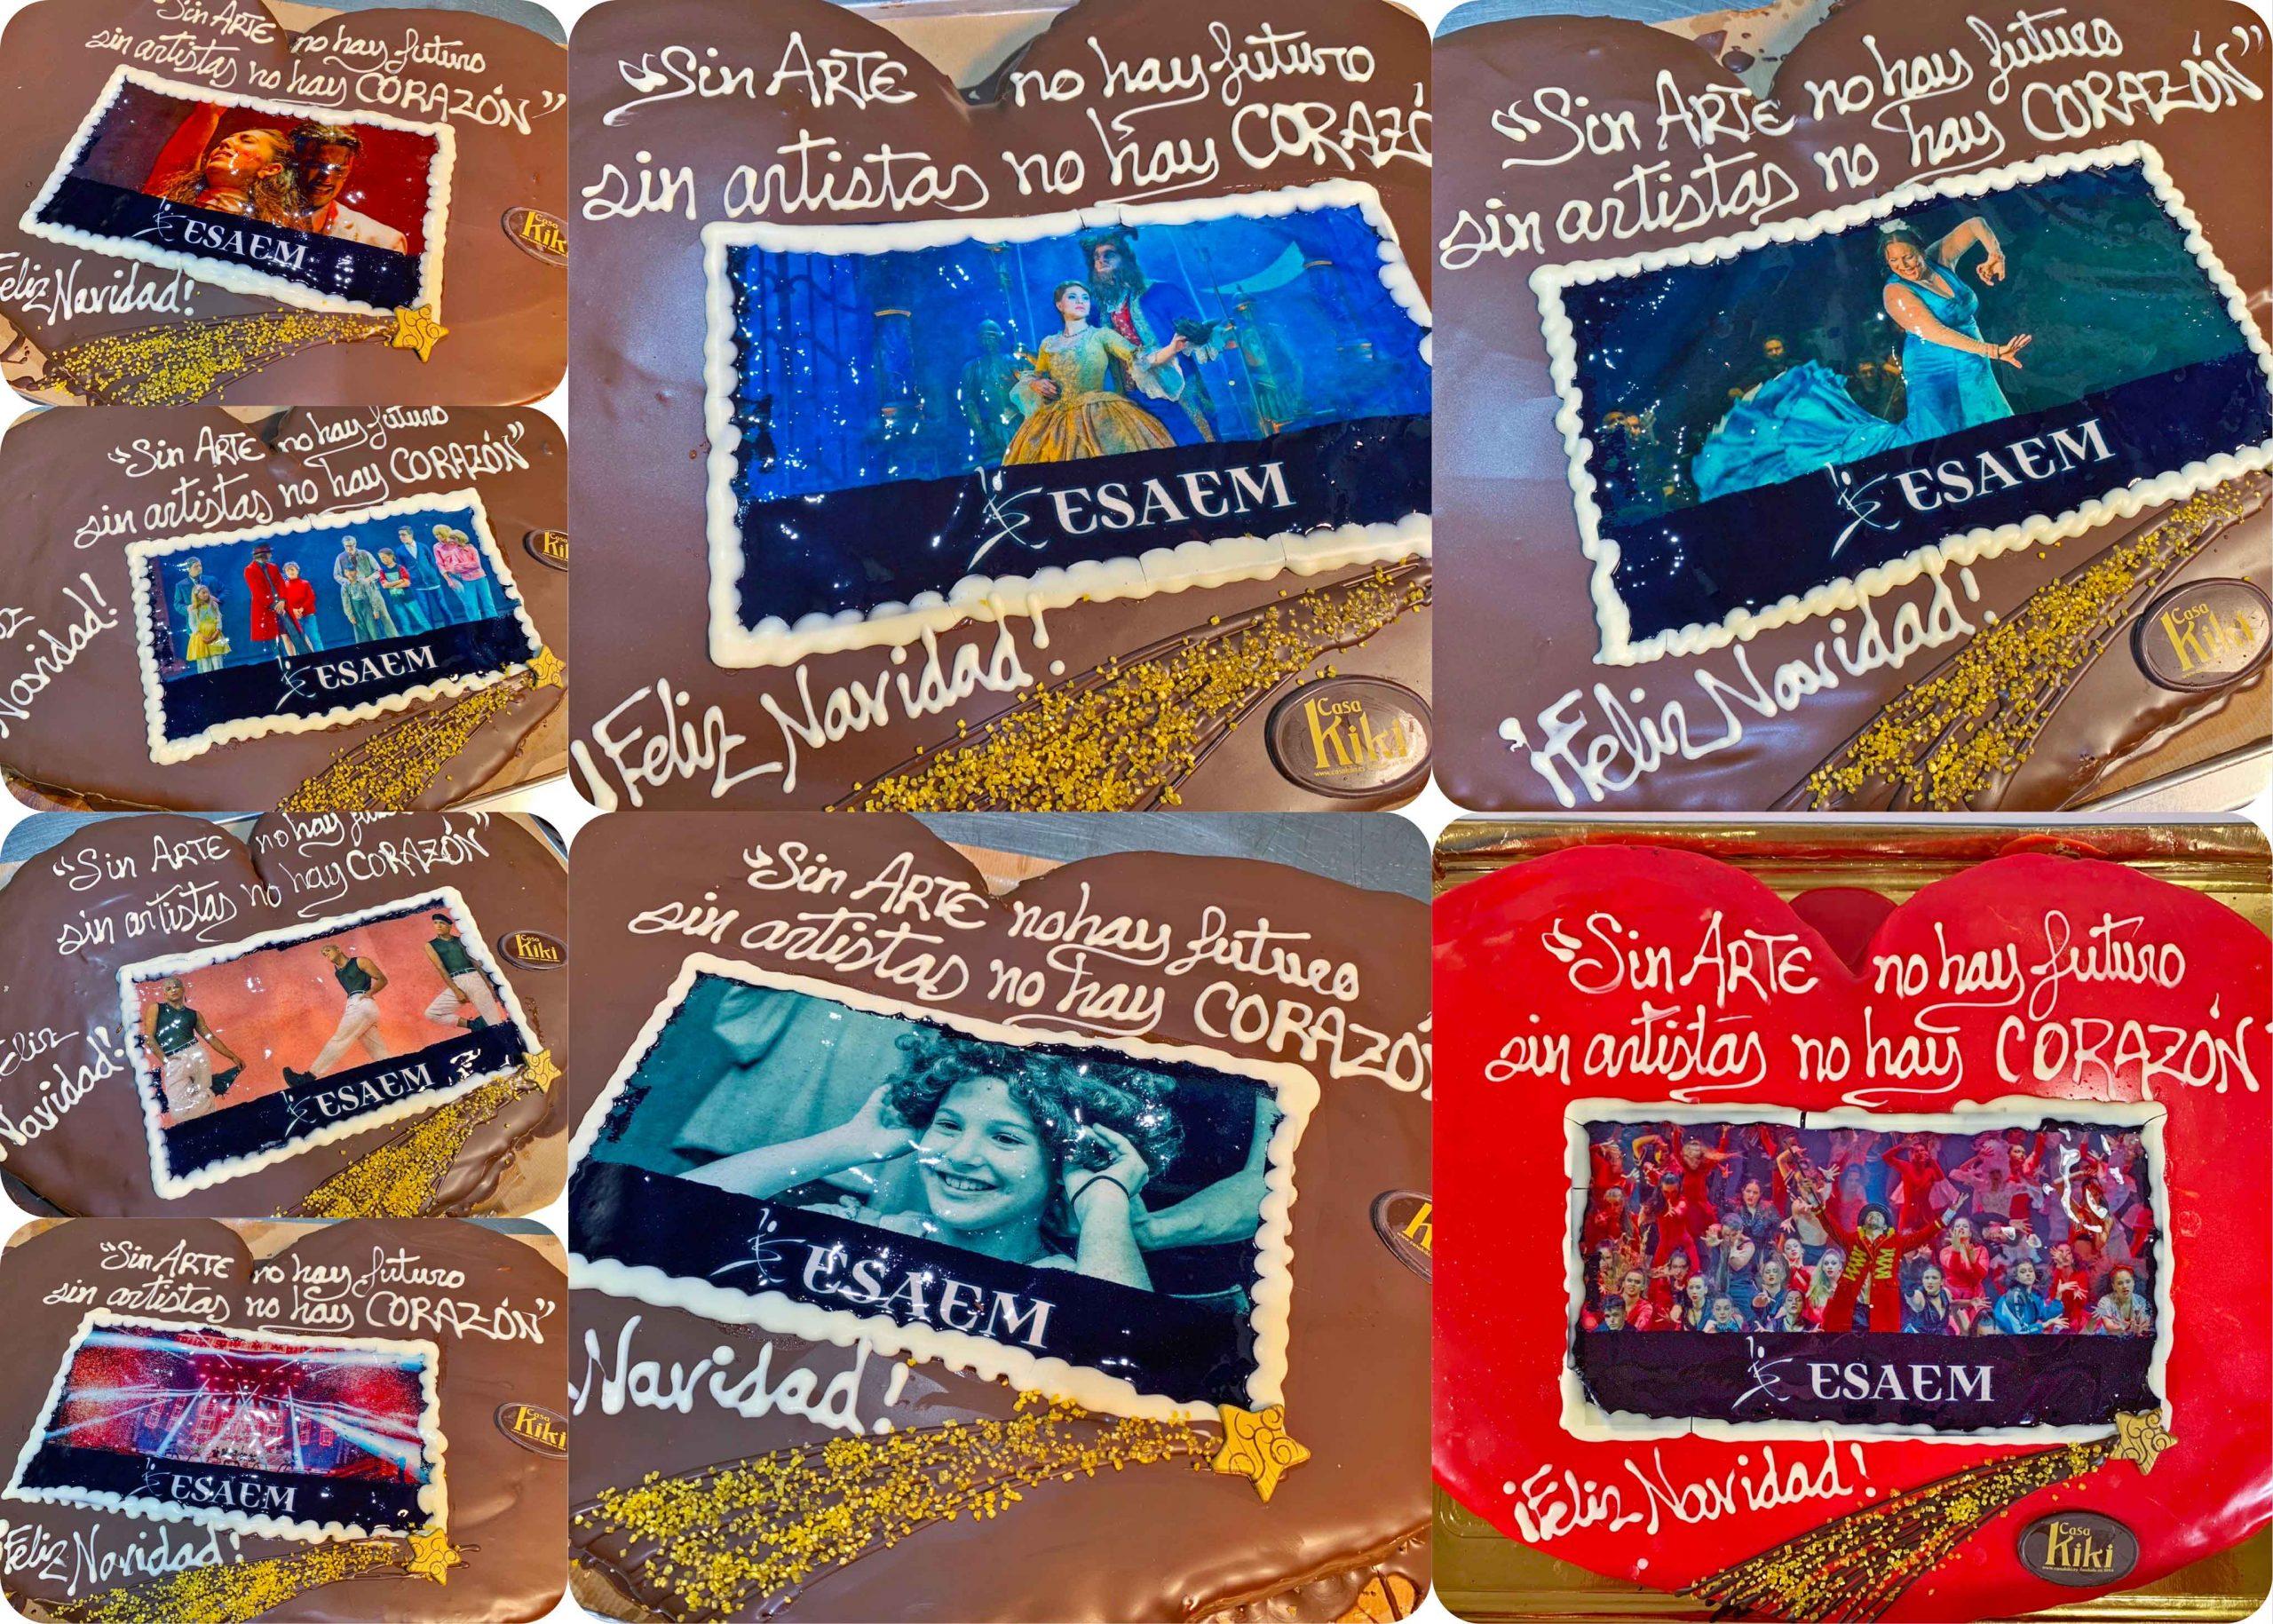 Corazones de palmera como regalo de navidad de esaem para diferentes artistas